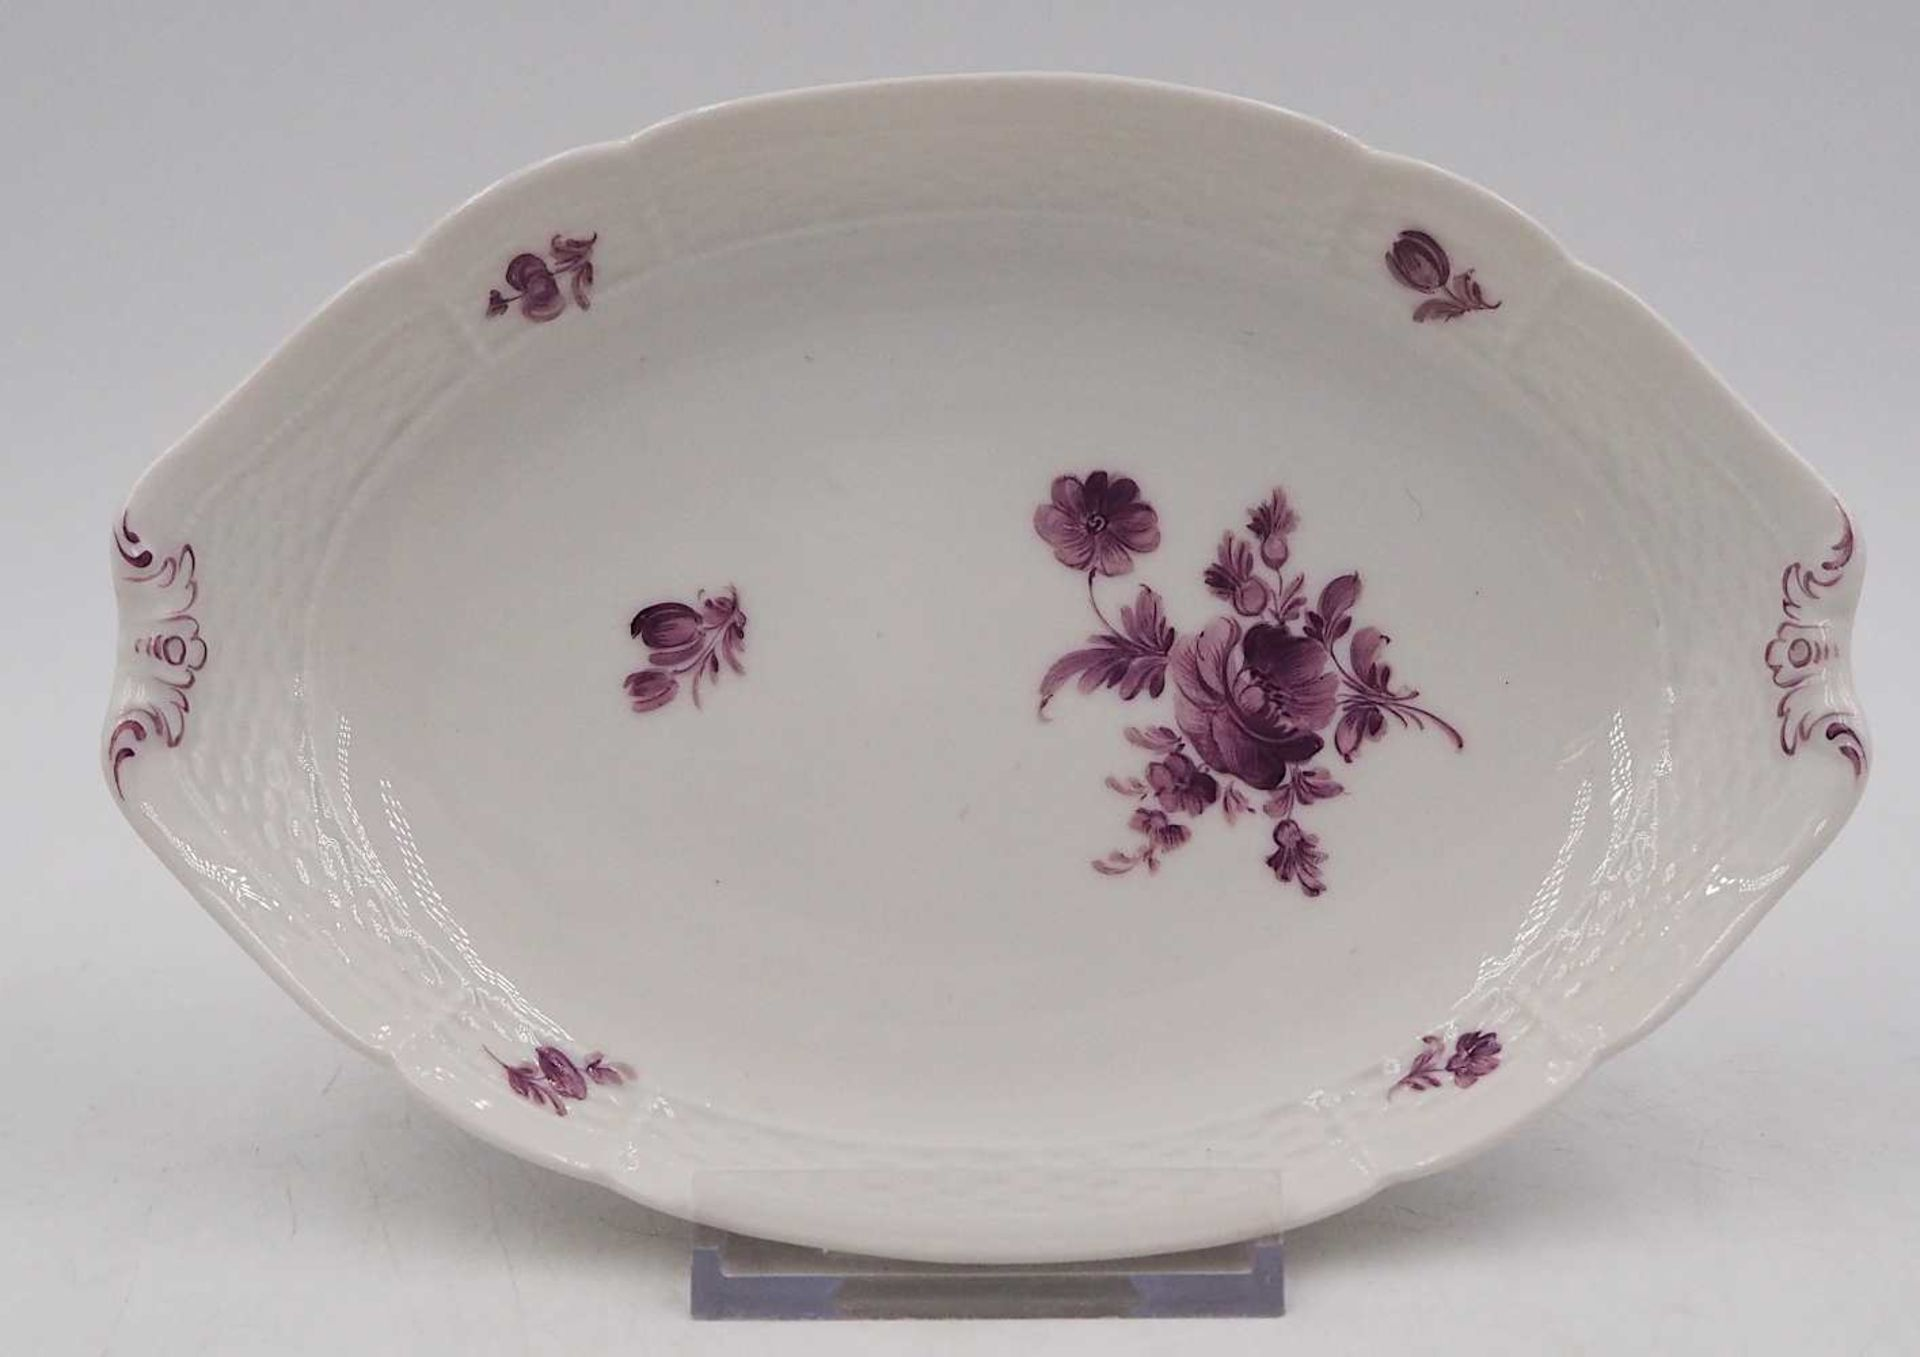 1 Gebäckschälchen Porzellan NYMPHENBURG violetter Blumendekor, Unterglasur-/Pressmar